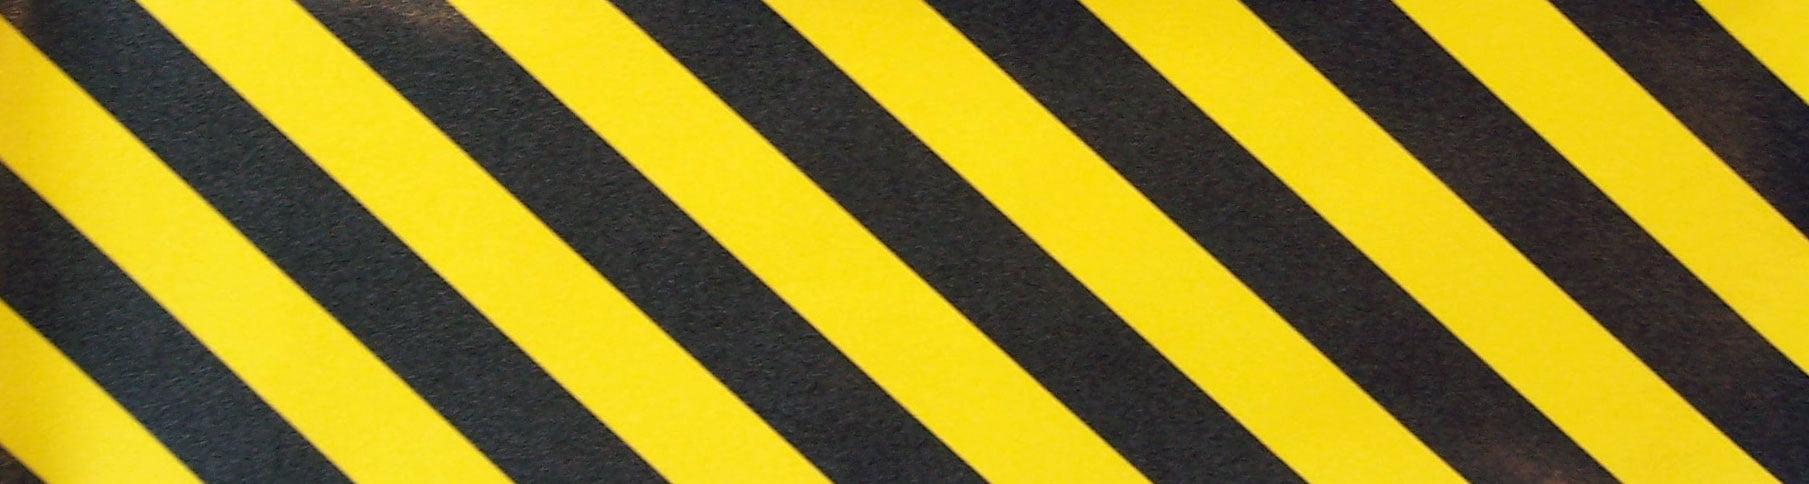 10X48in LONGBOARD SKATEBOARD GRIPTAPE Caution Pro Grip Tape by Black Diamond by